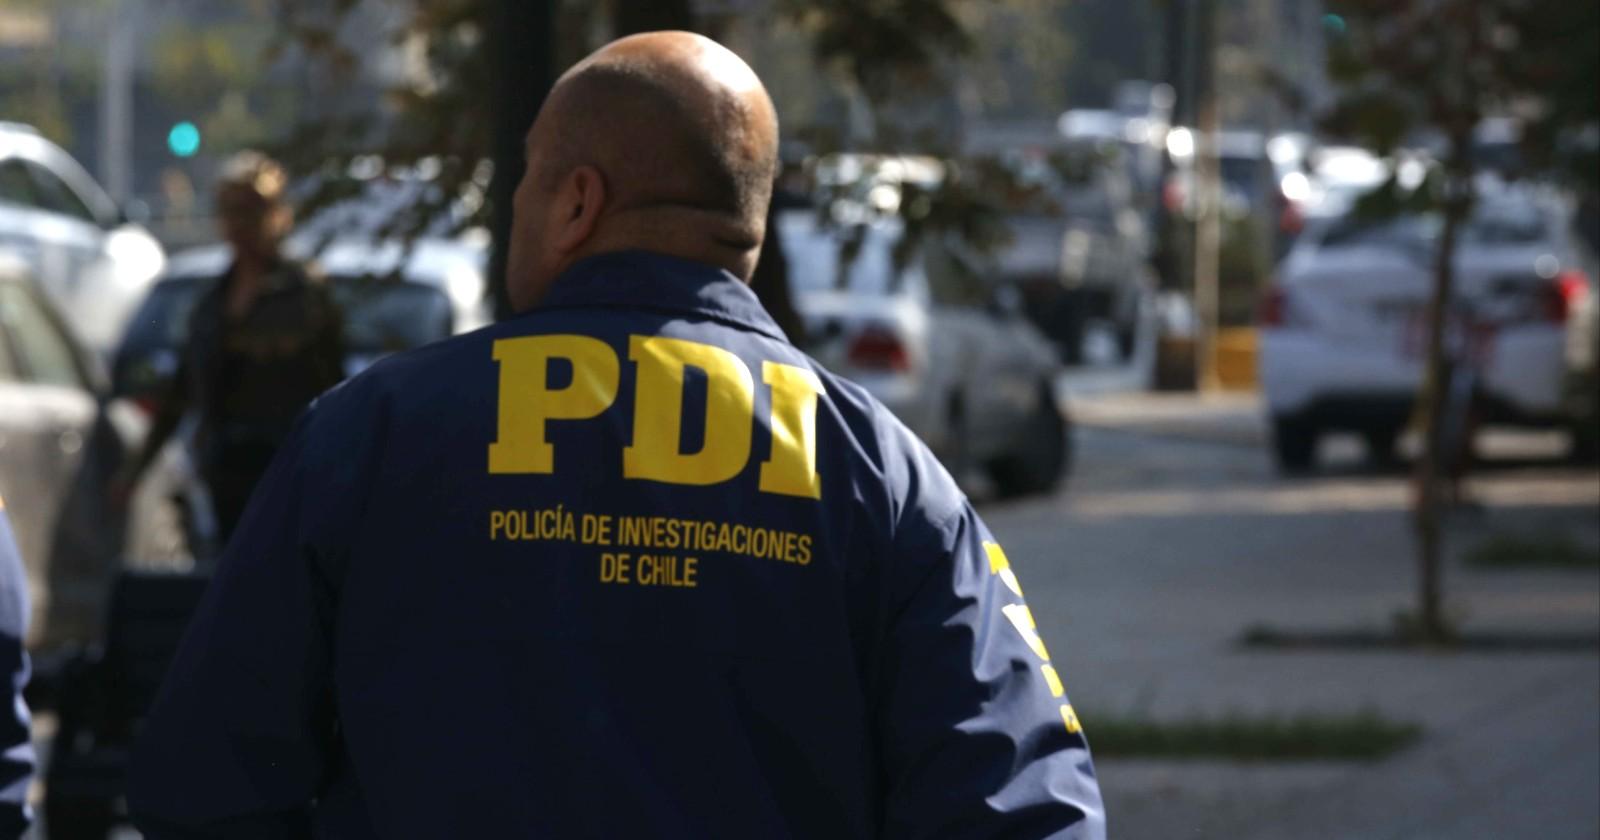 Trata de personas: la compleja investigación detrás de un silencioso delito